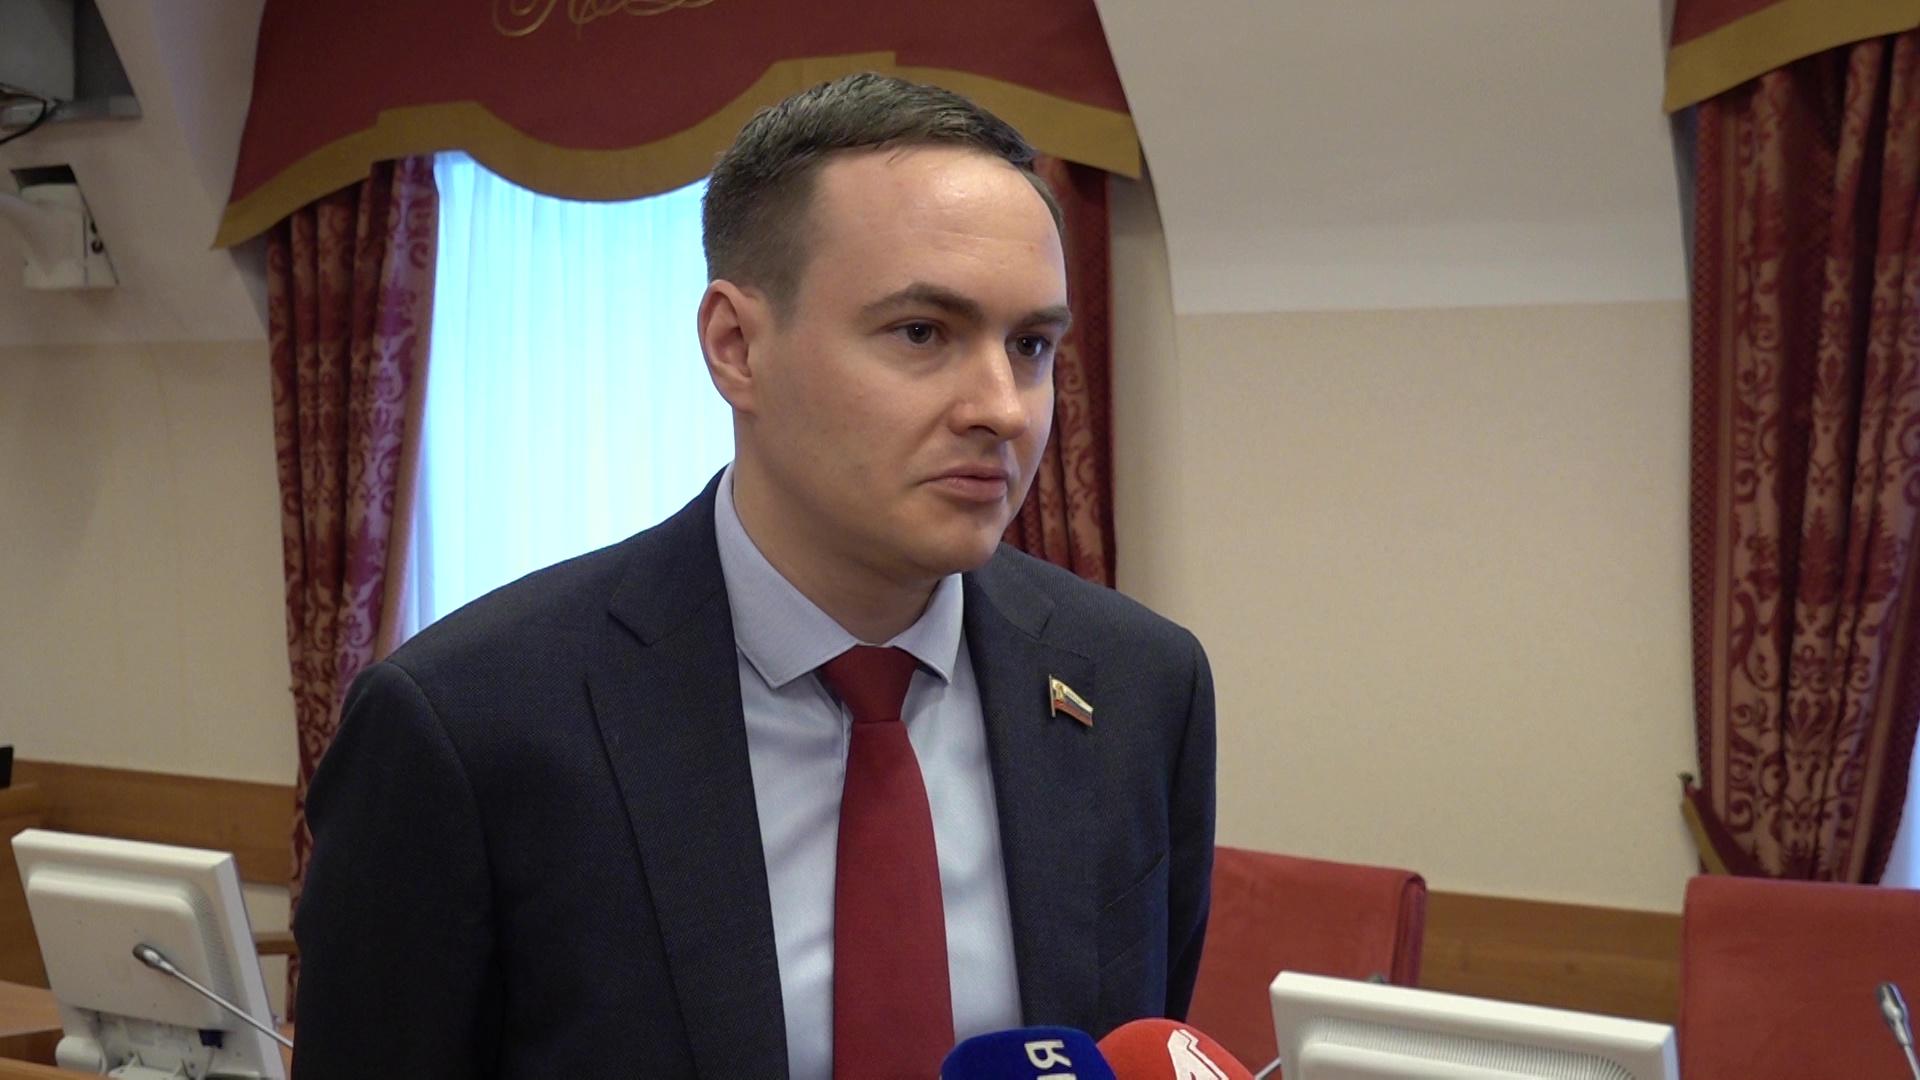 Антон Капралов: «Мне импонирует, что в поправках в Конституцию есть определение брака»